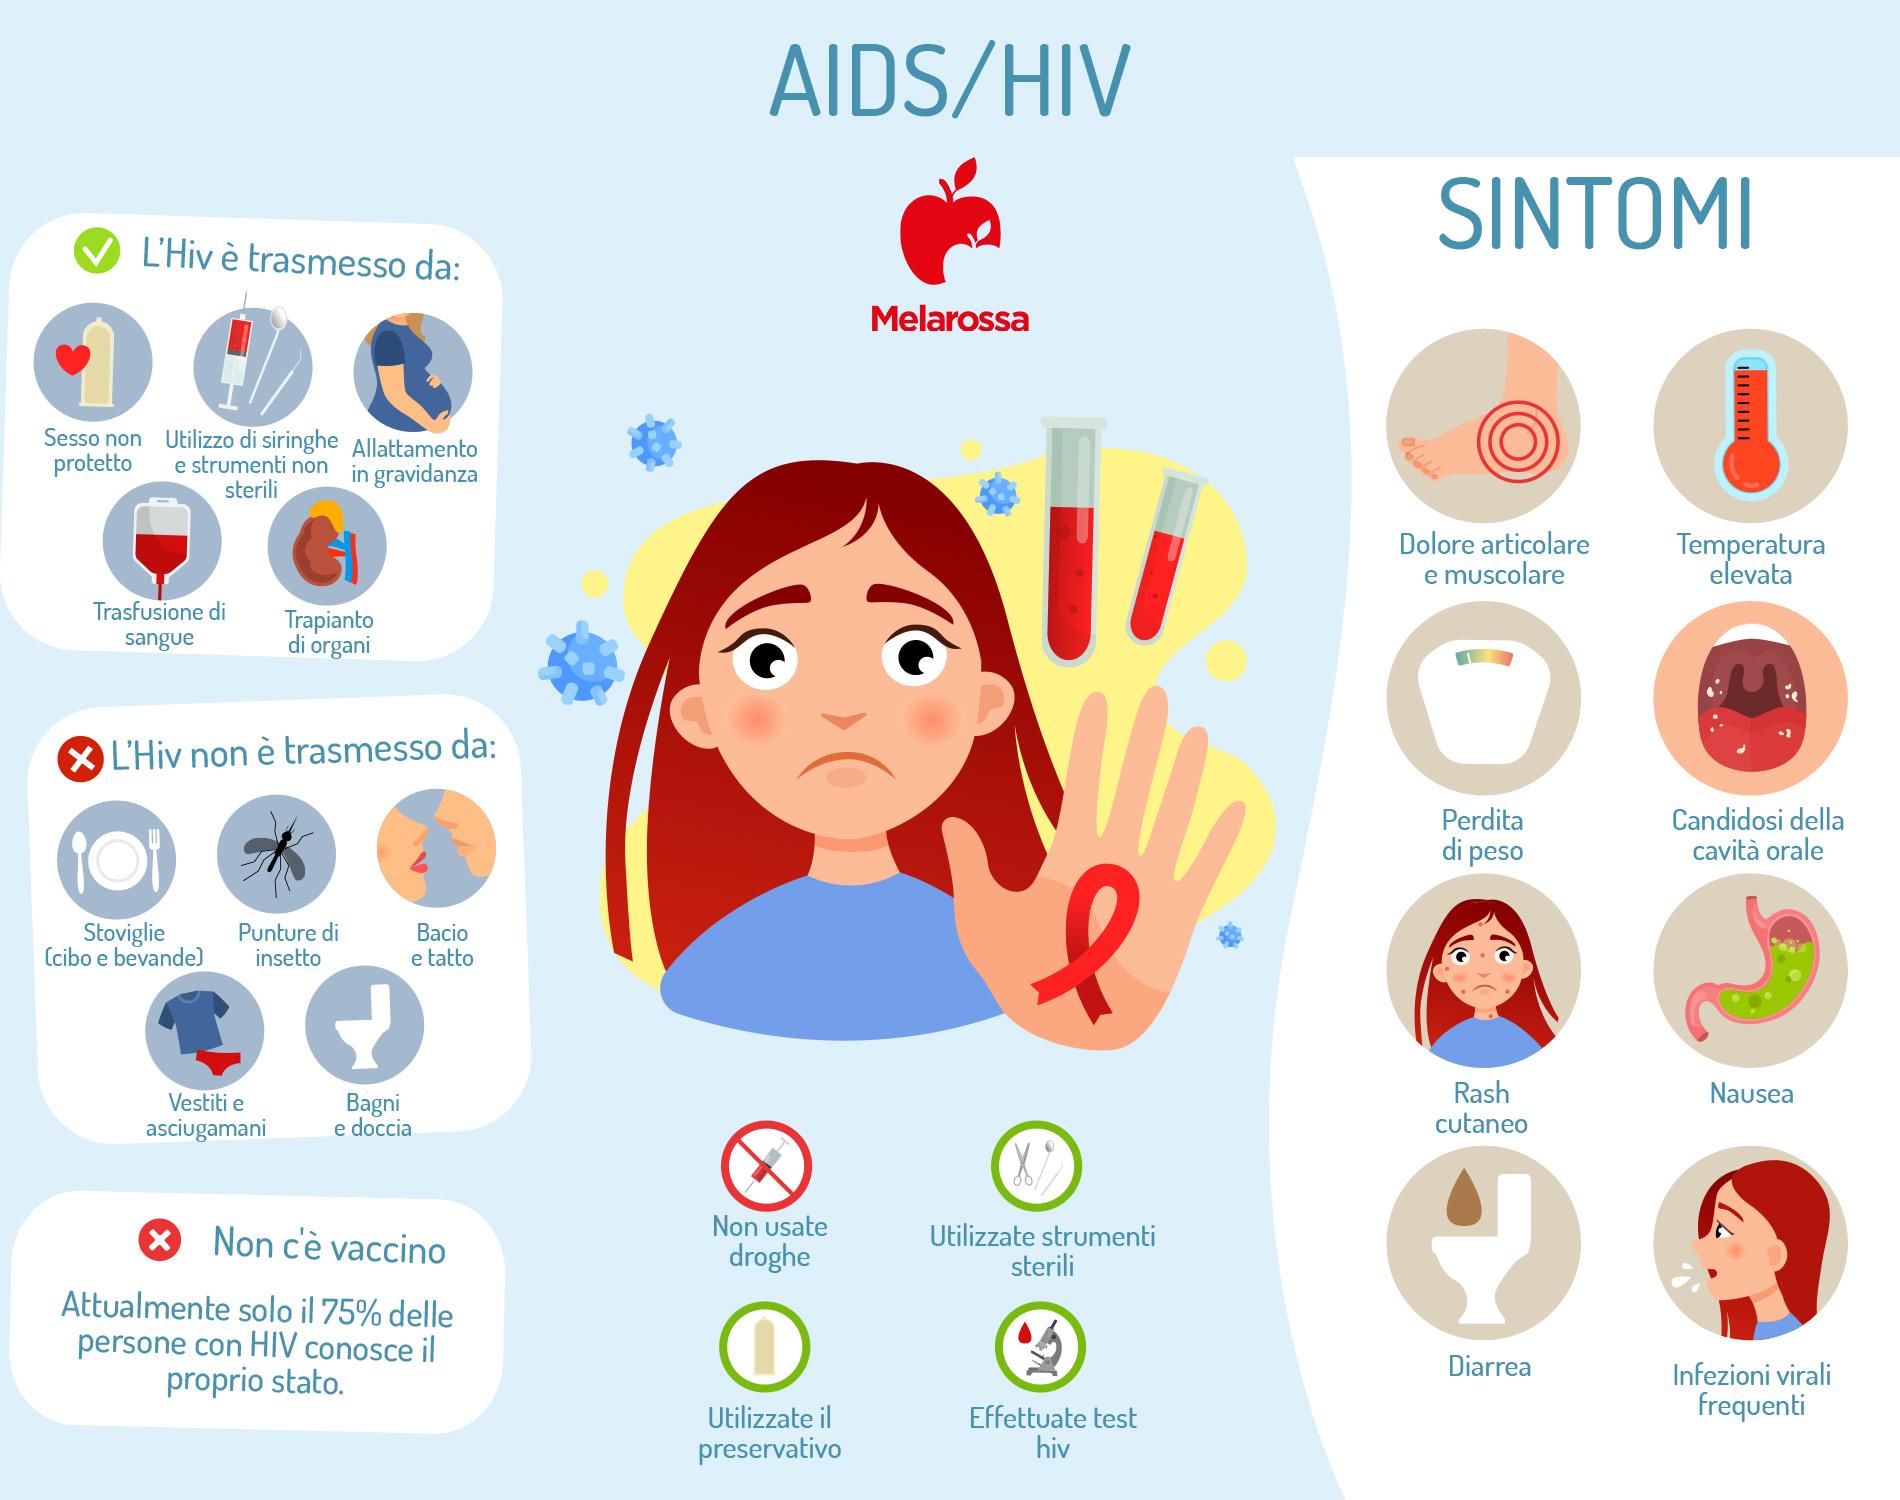 aids e hiv: quale sono le differenze